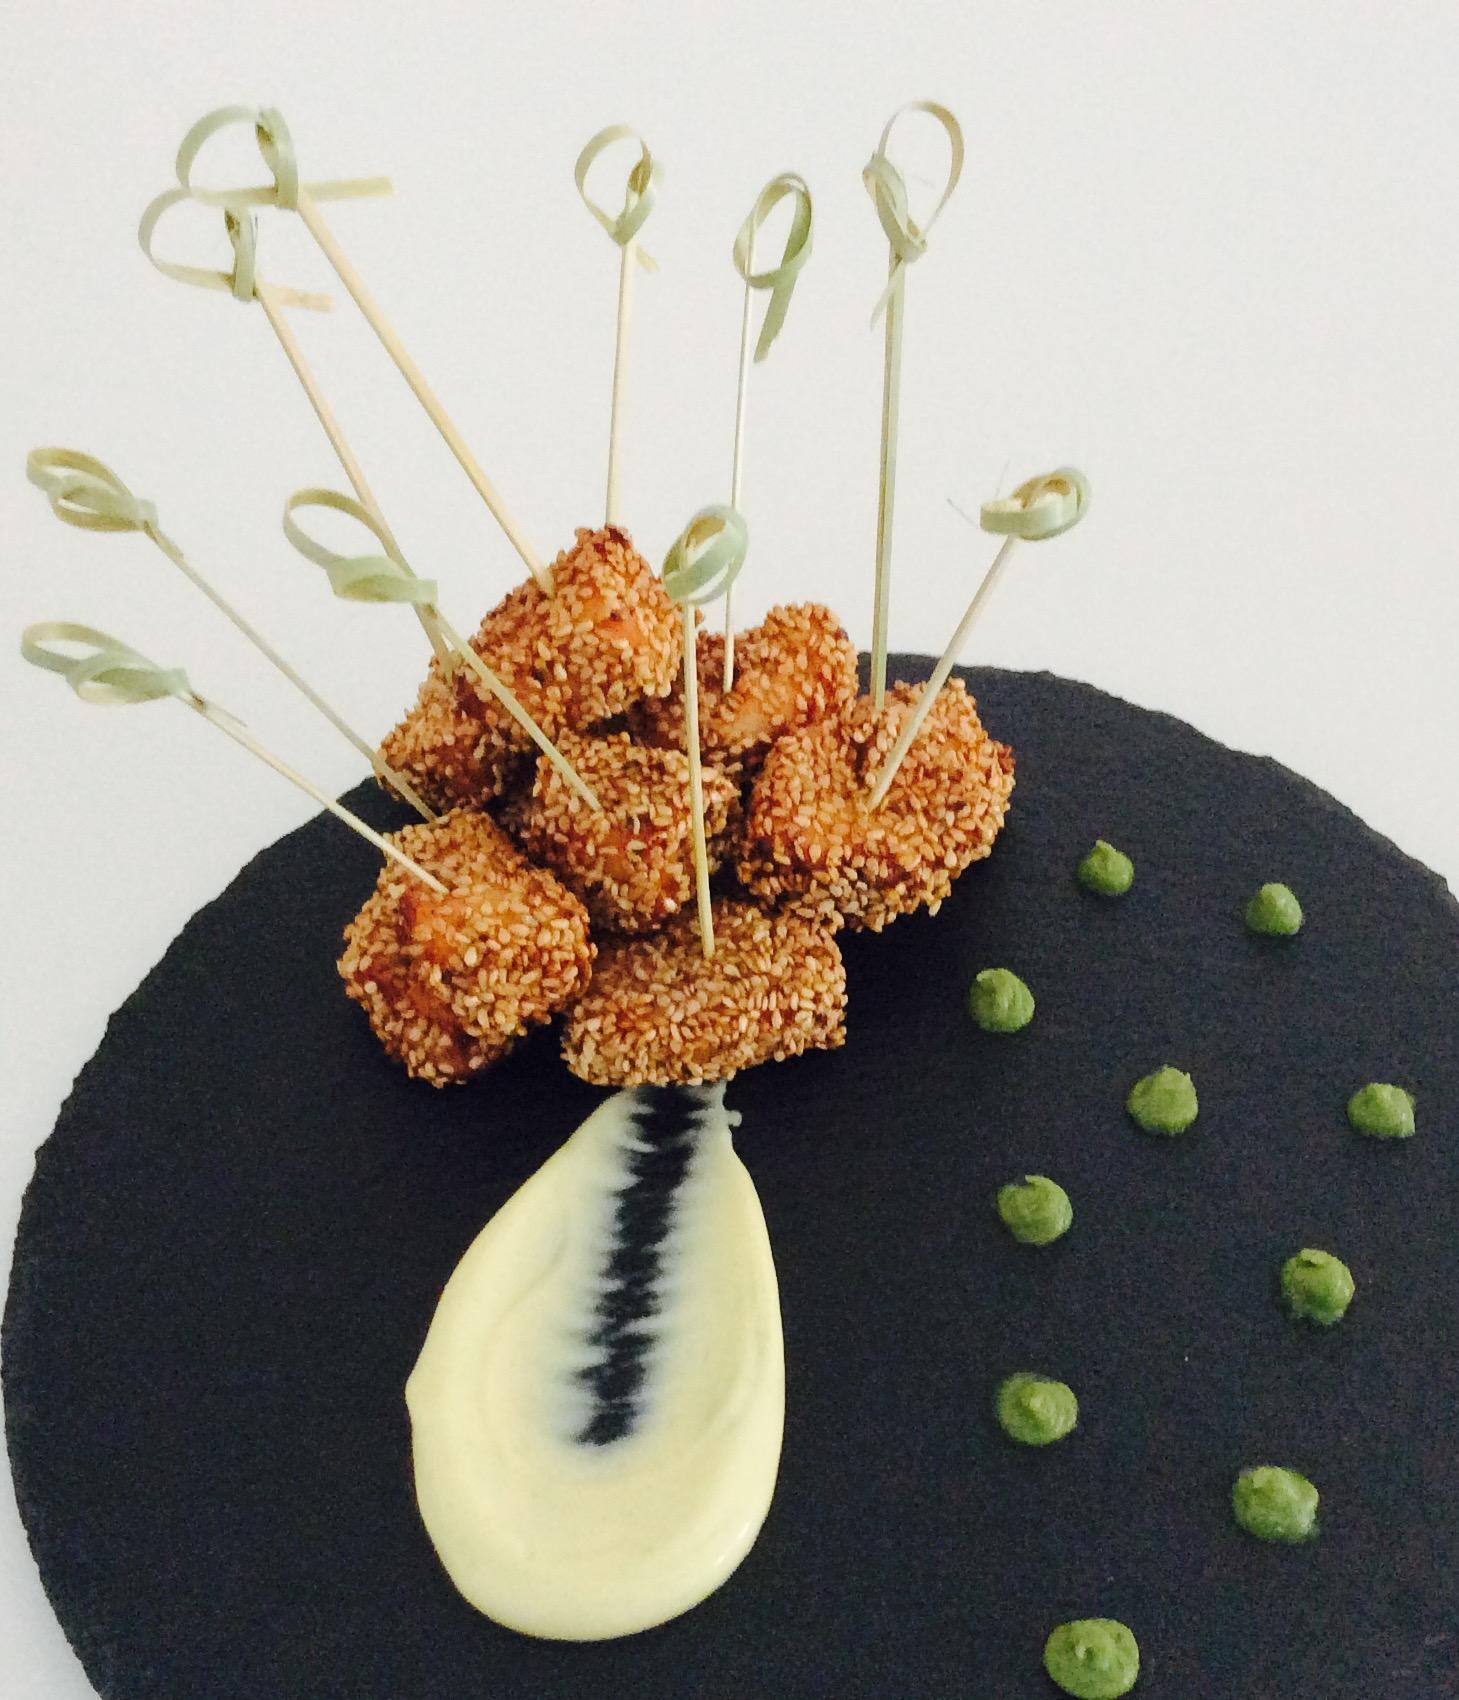 receta-salmon-soja-miel-sesamo-ido-1